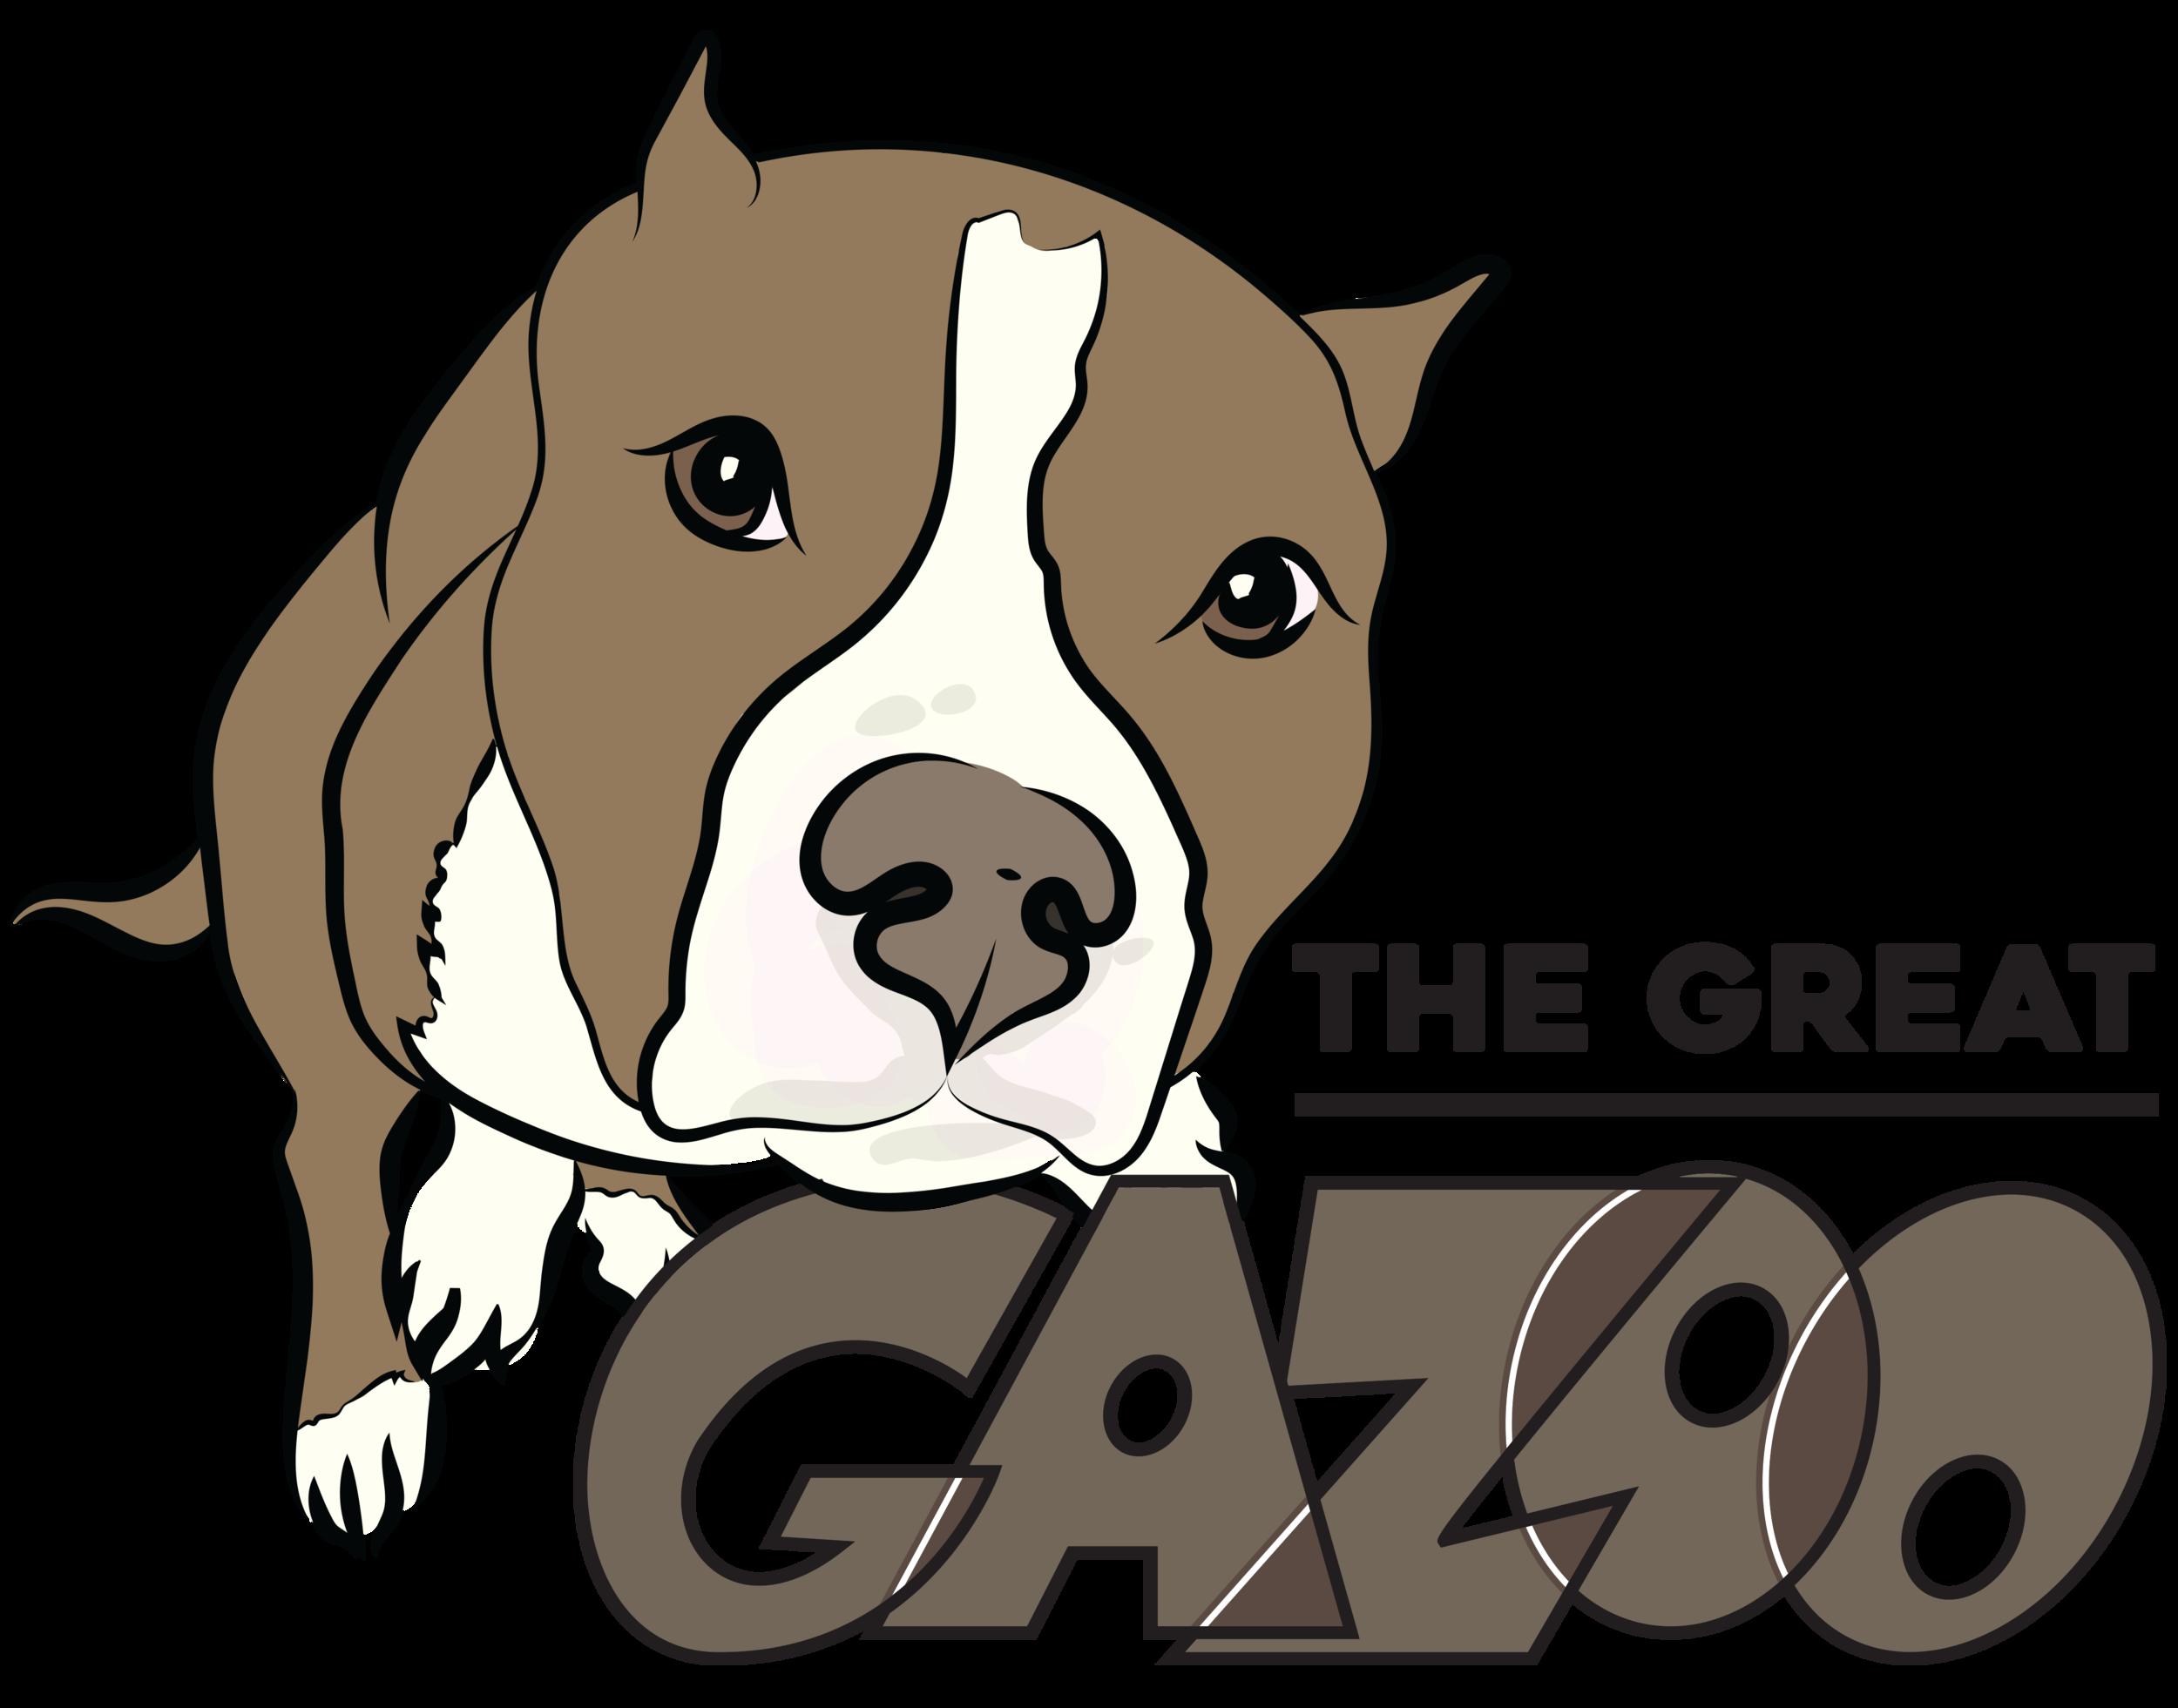 GAZOO.png